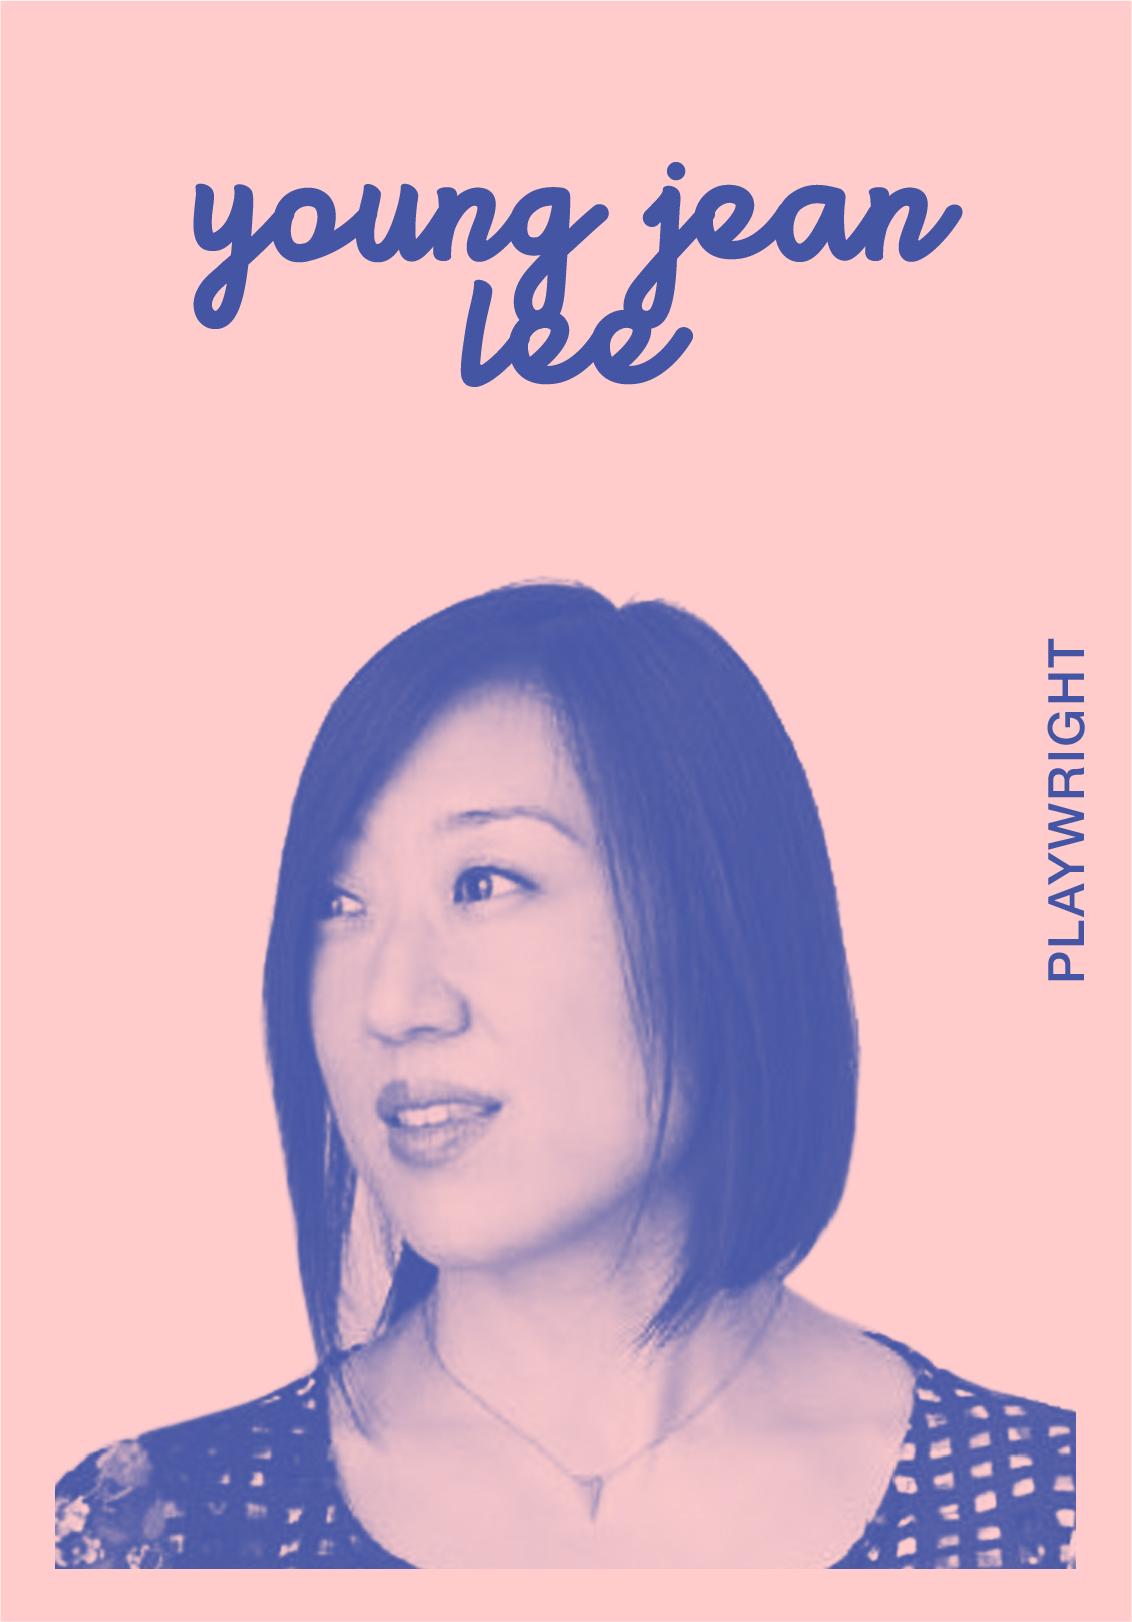 YOUNG JEAN LEE   WEBSITE   @YJLTC   IG: YOUNGJEANLEETHEATERCO